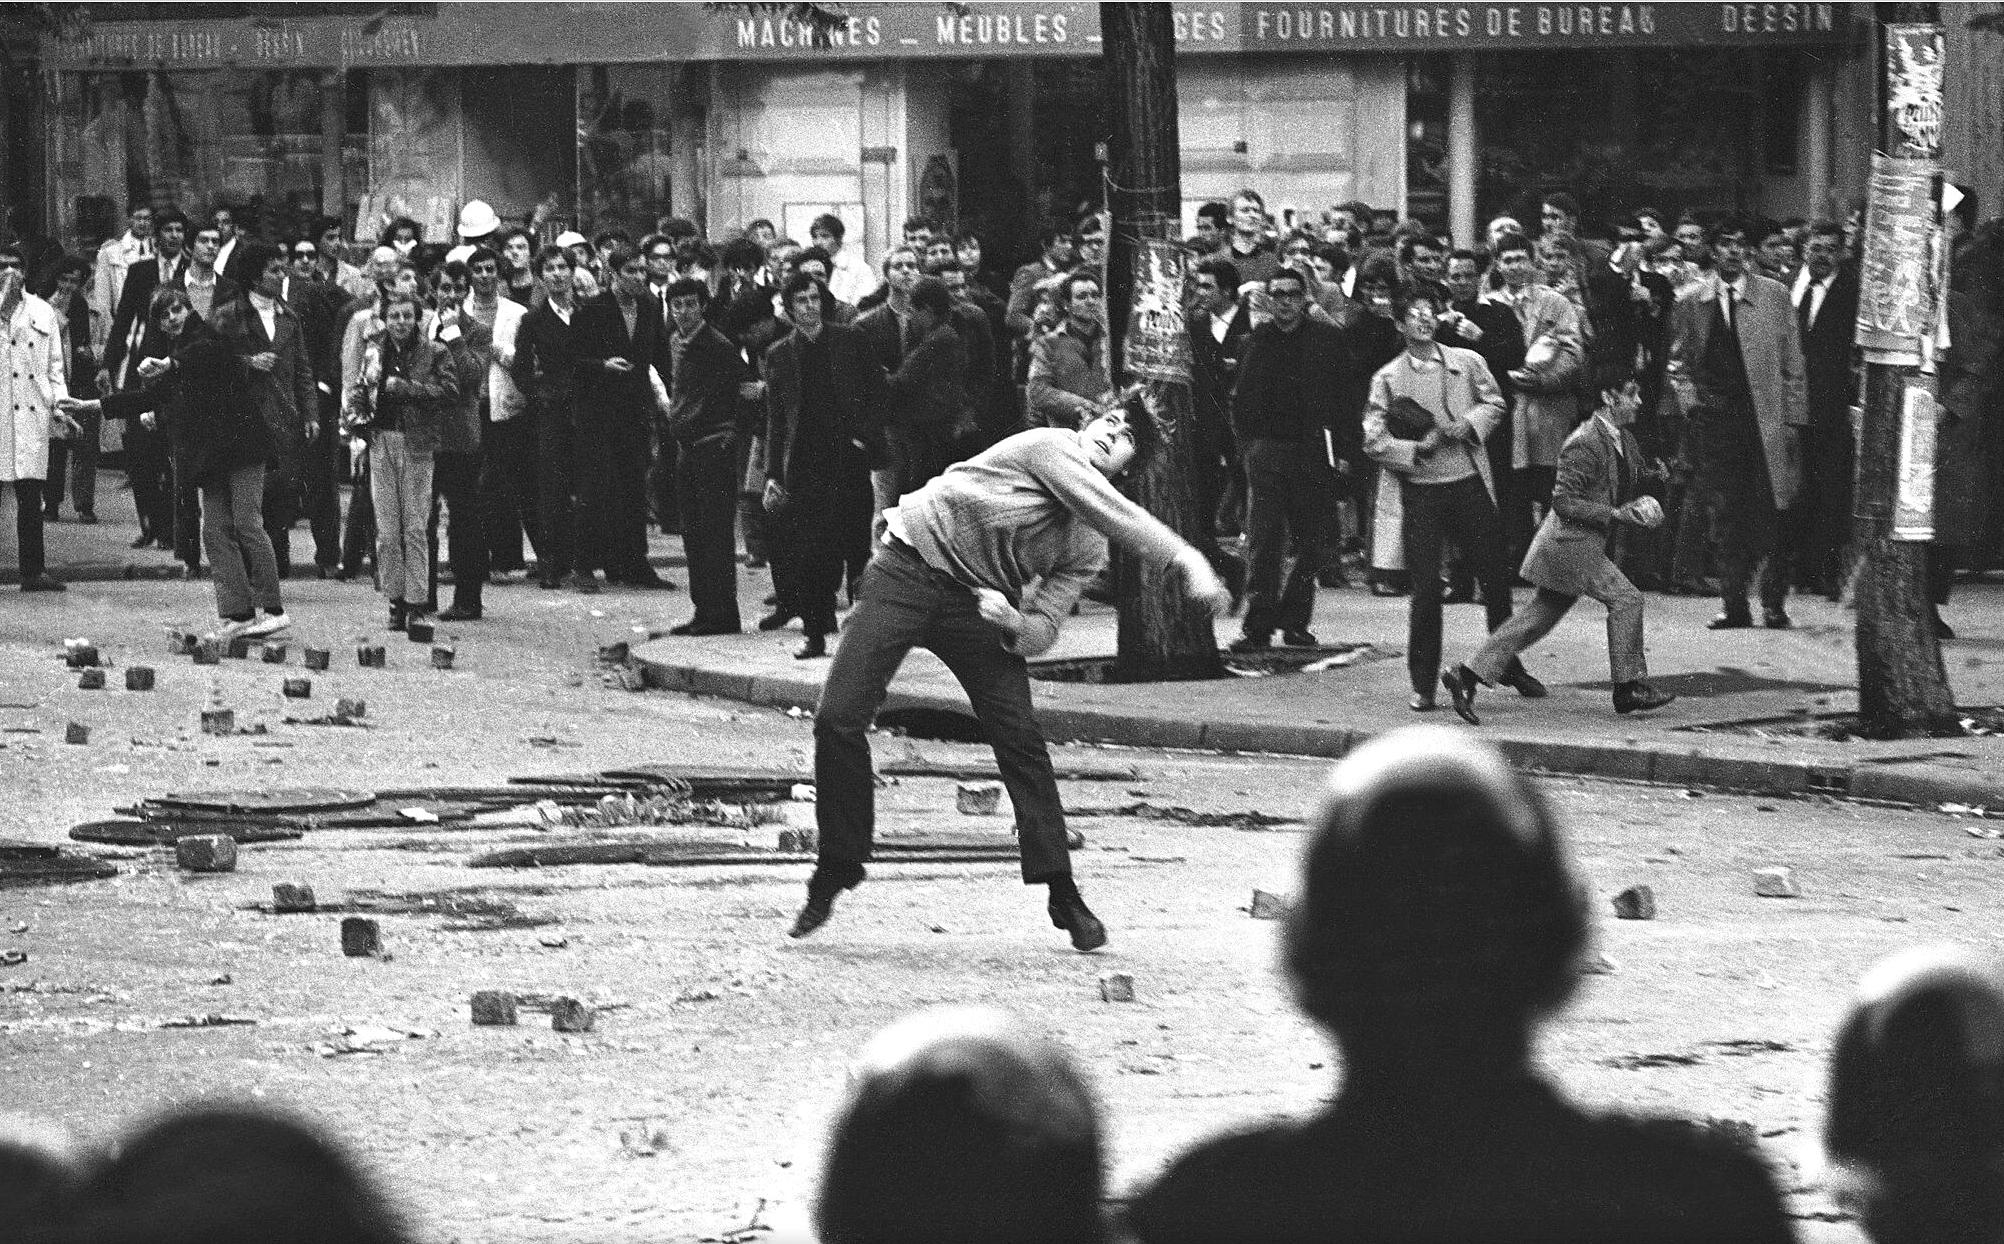 Springtime in Paris – remembering May '68